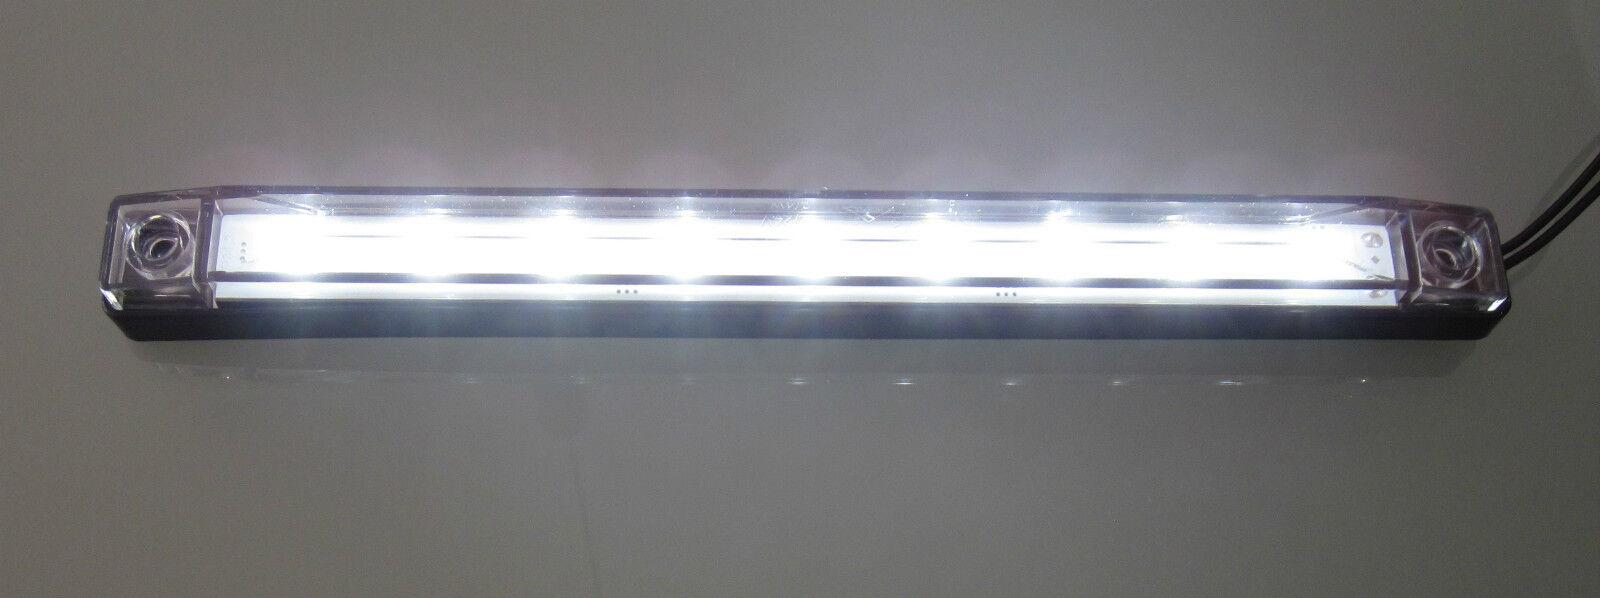 led innenleuchte innenraumleuchte pkw lkw anh nger leuchte lampe 12v 24v eur 19 90 picclick de. Black Bedroom Furniture Sets. Home Design Ideas